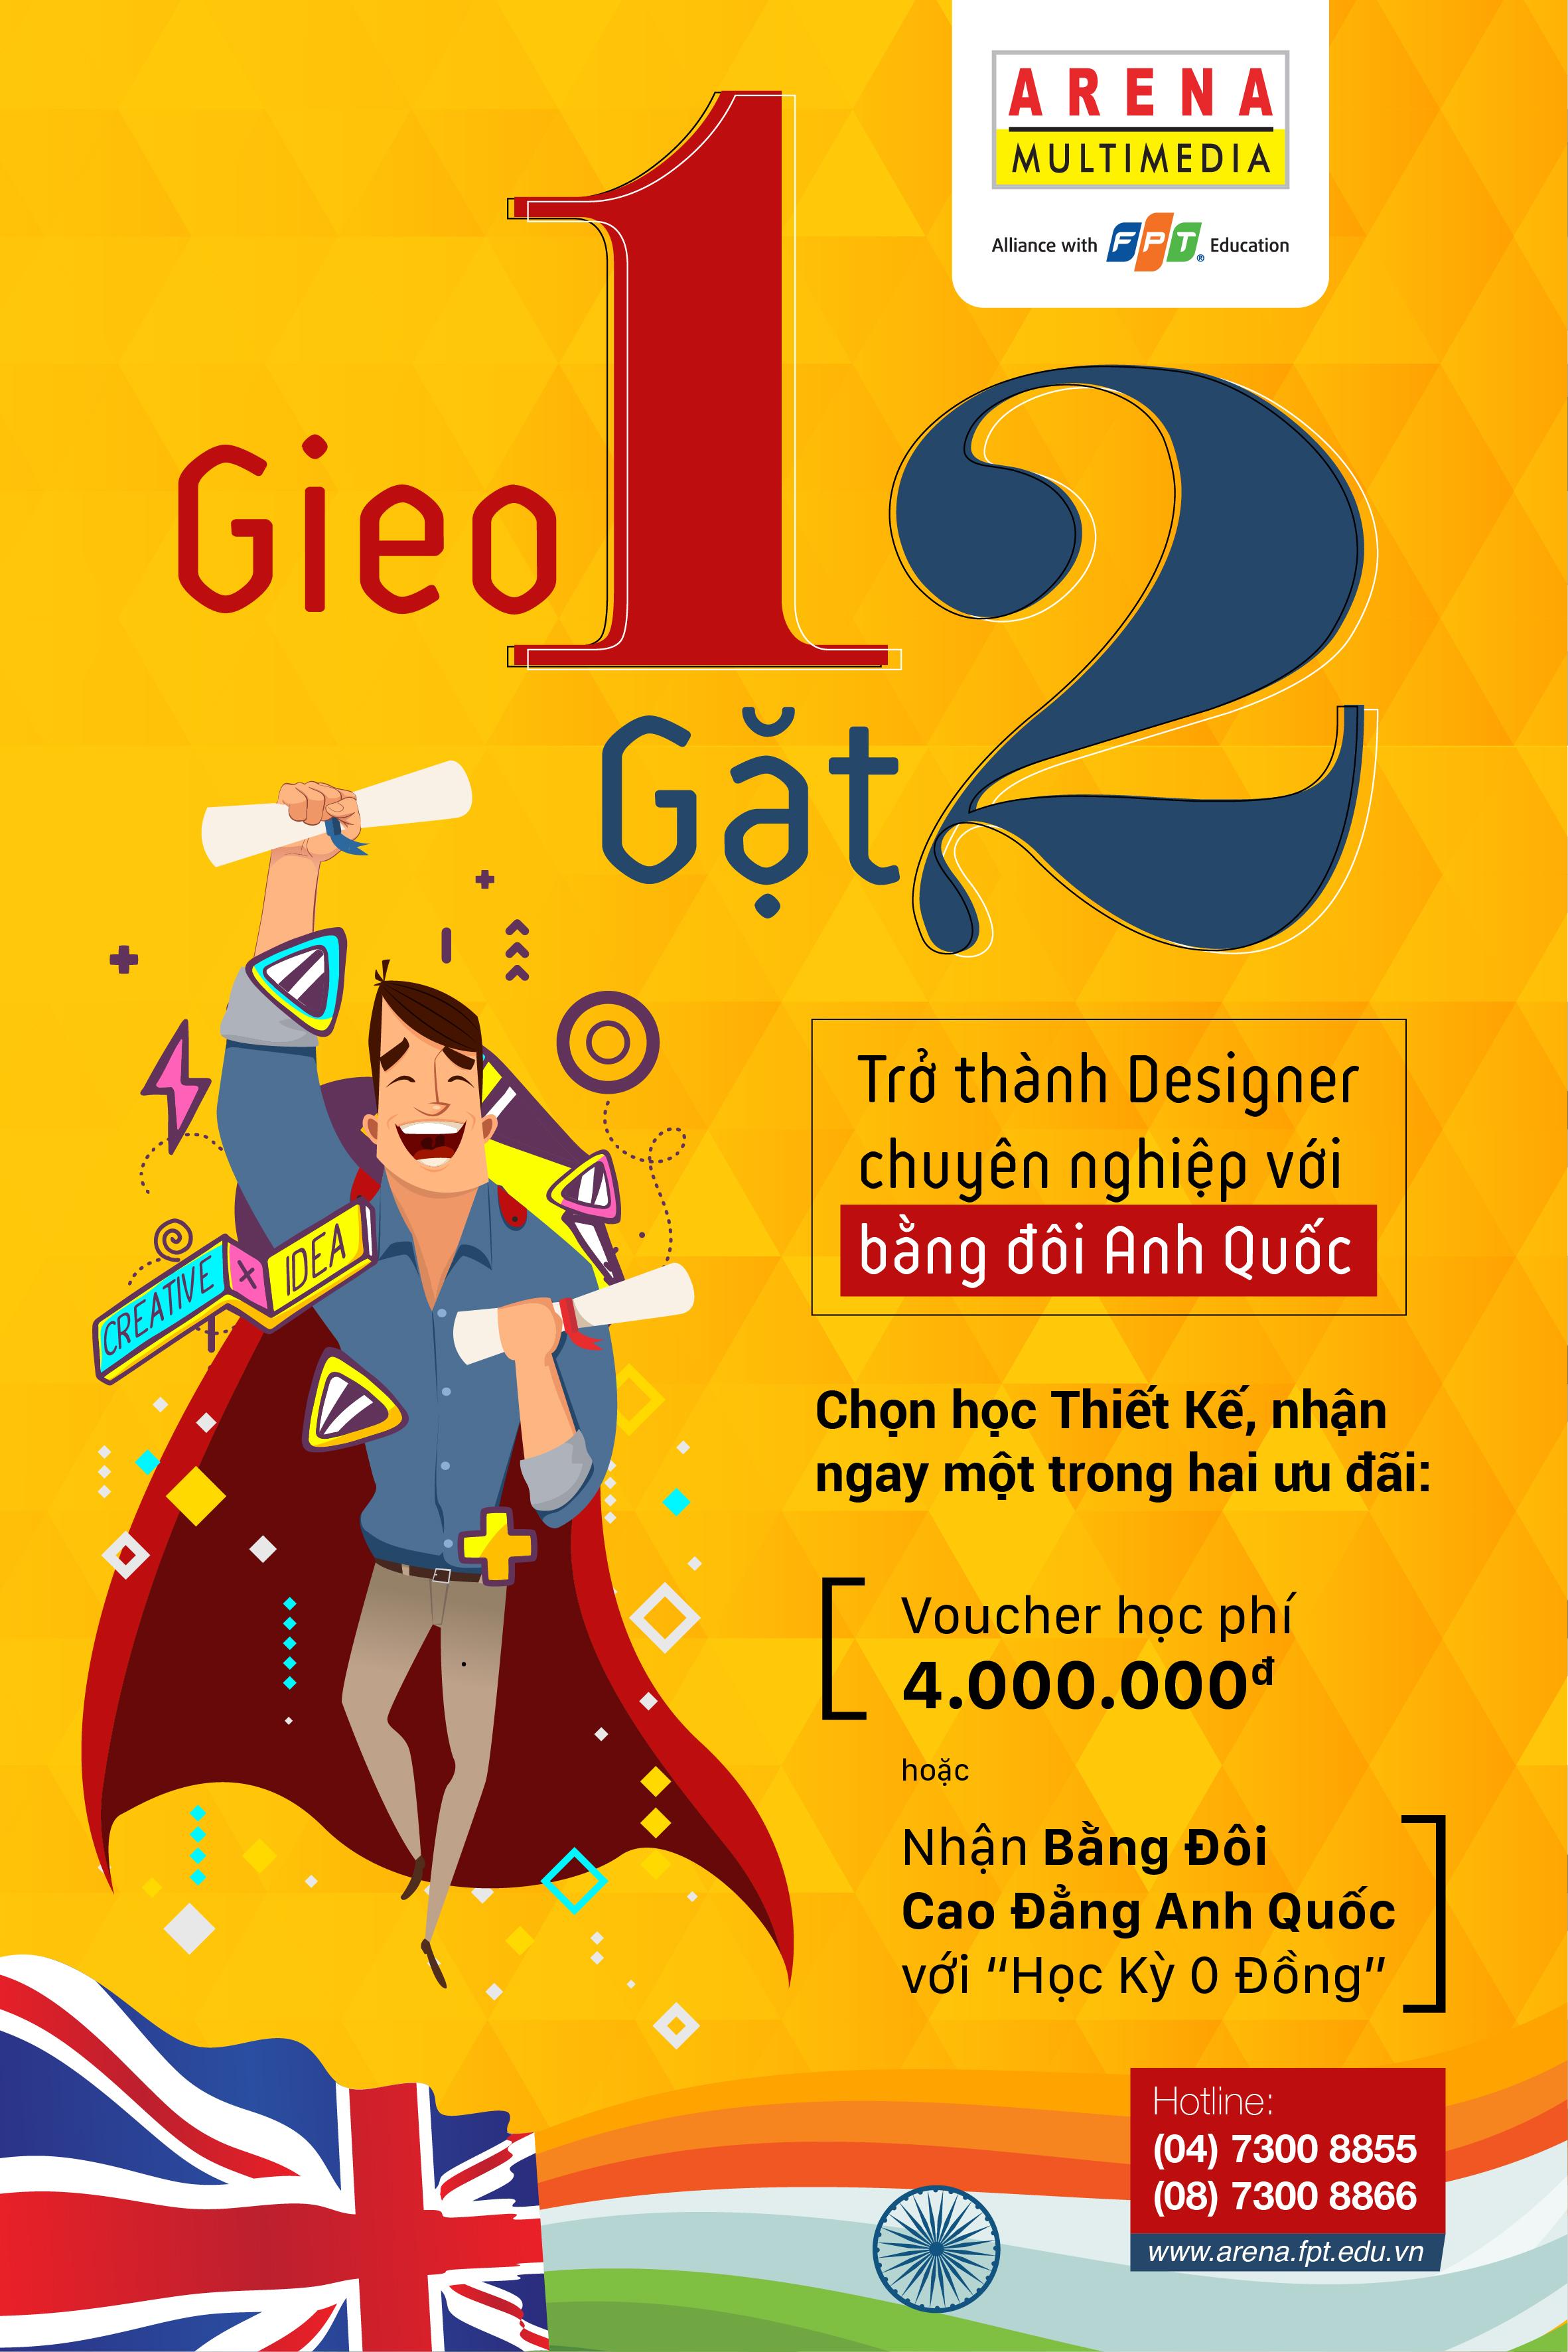 Geo1gat2-01